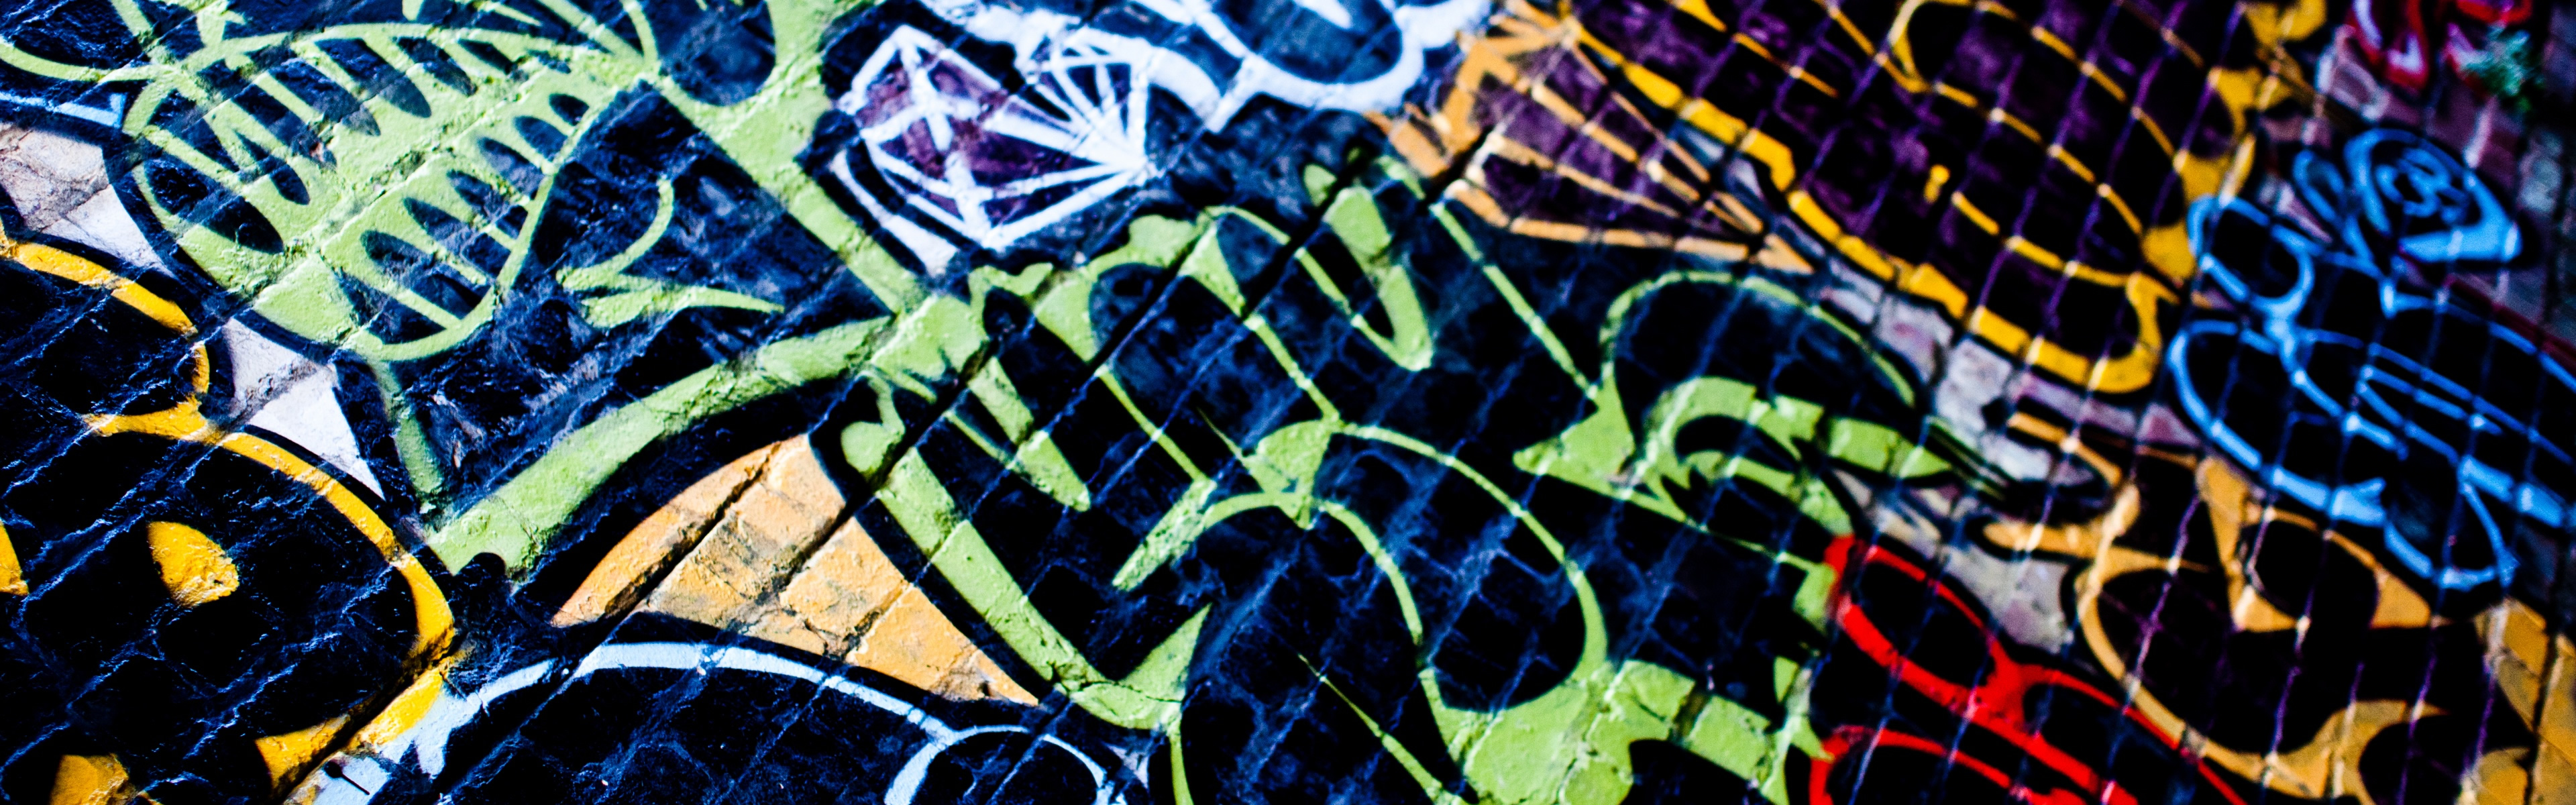 Graffiti iPhone Panoramic Wallpaper Download iPad Wallpapers 3840x1200